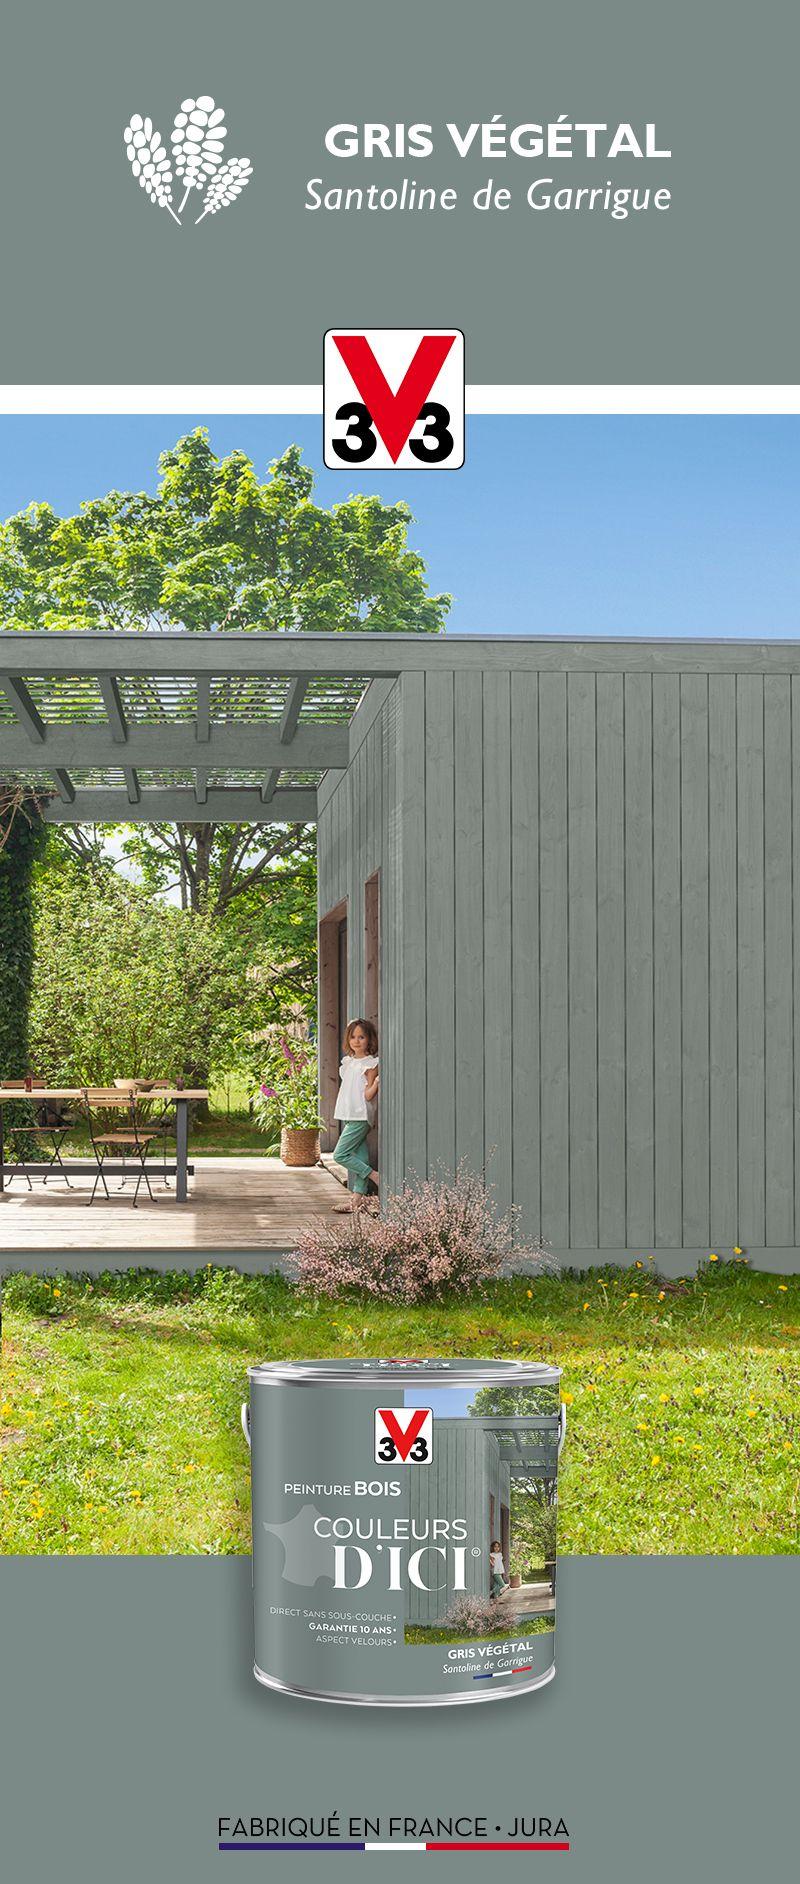 Gris Vegetal Santoline De Garrigue En 2020 Peinture Bois Exterieur Peinture Exterieure Peinture Facade Maison